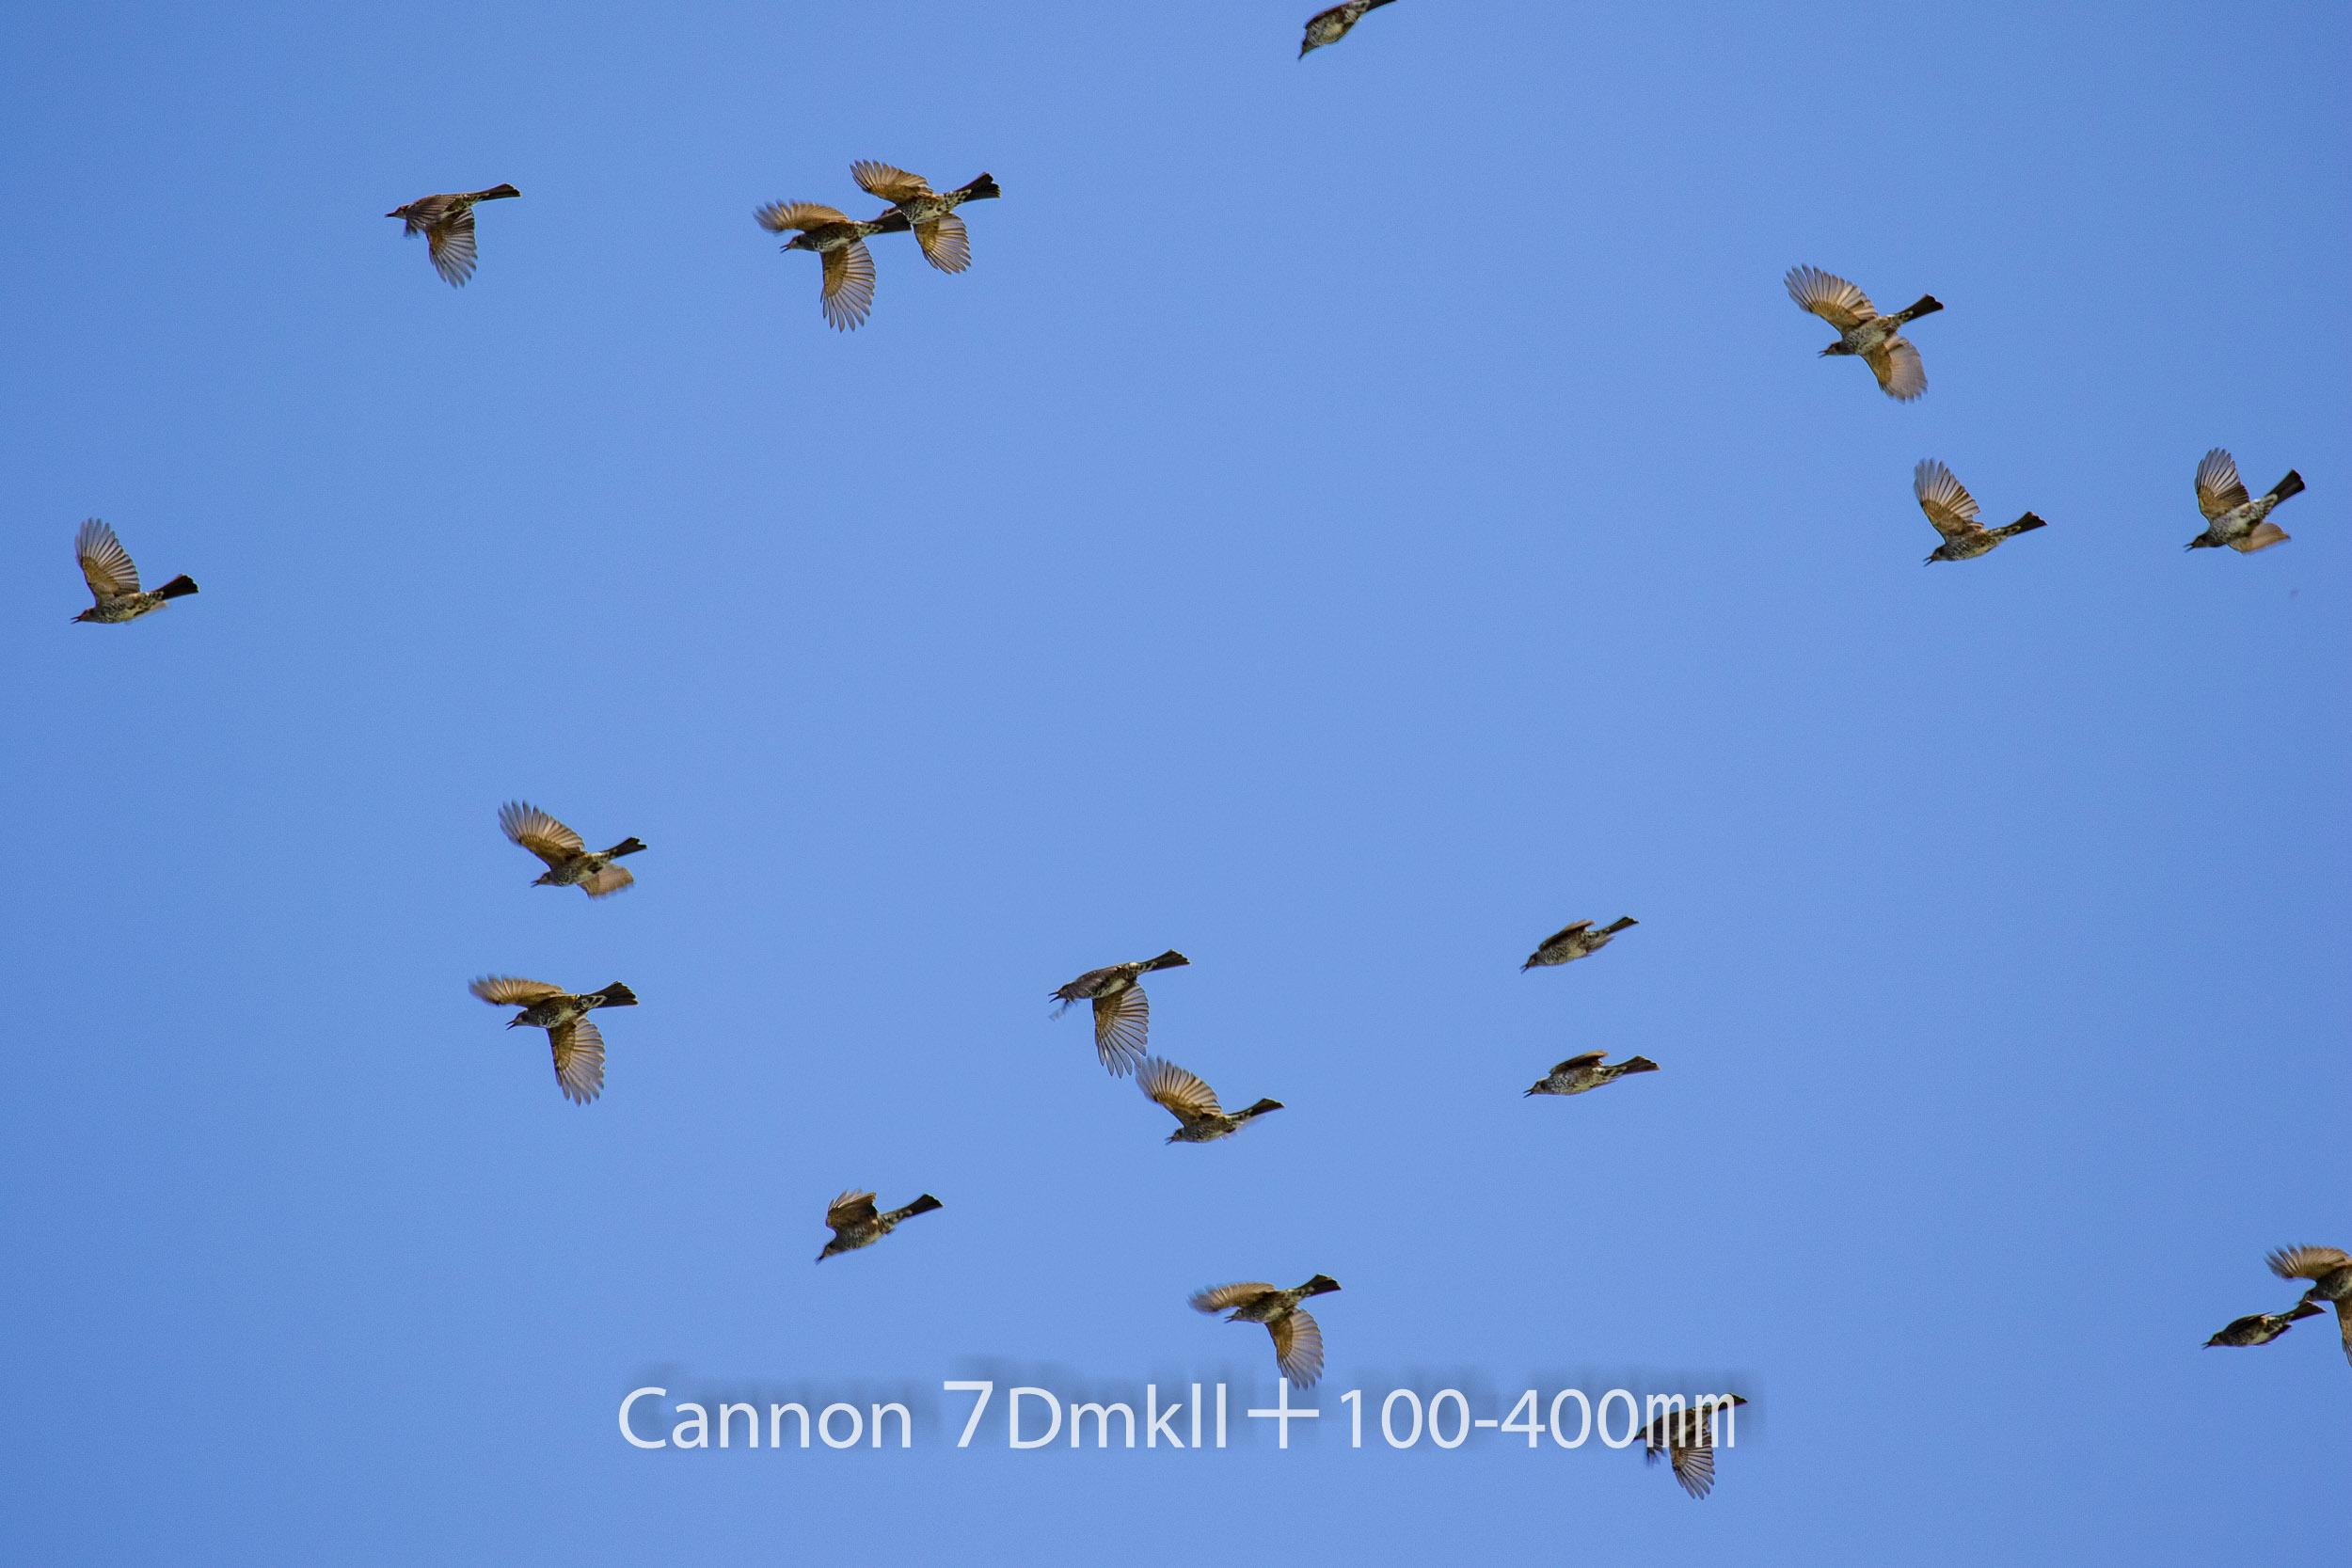 191004 ヒヨドリ集団-02 Canon EOS 7D Mark II ISO 100 400 mm 5472 x 3648